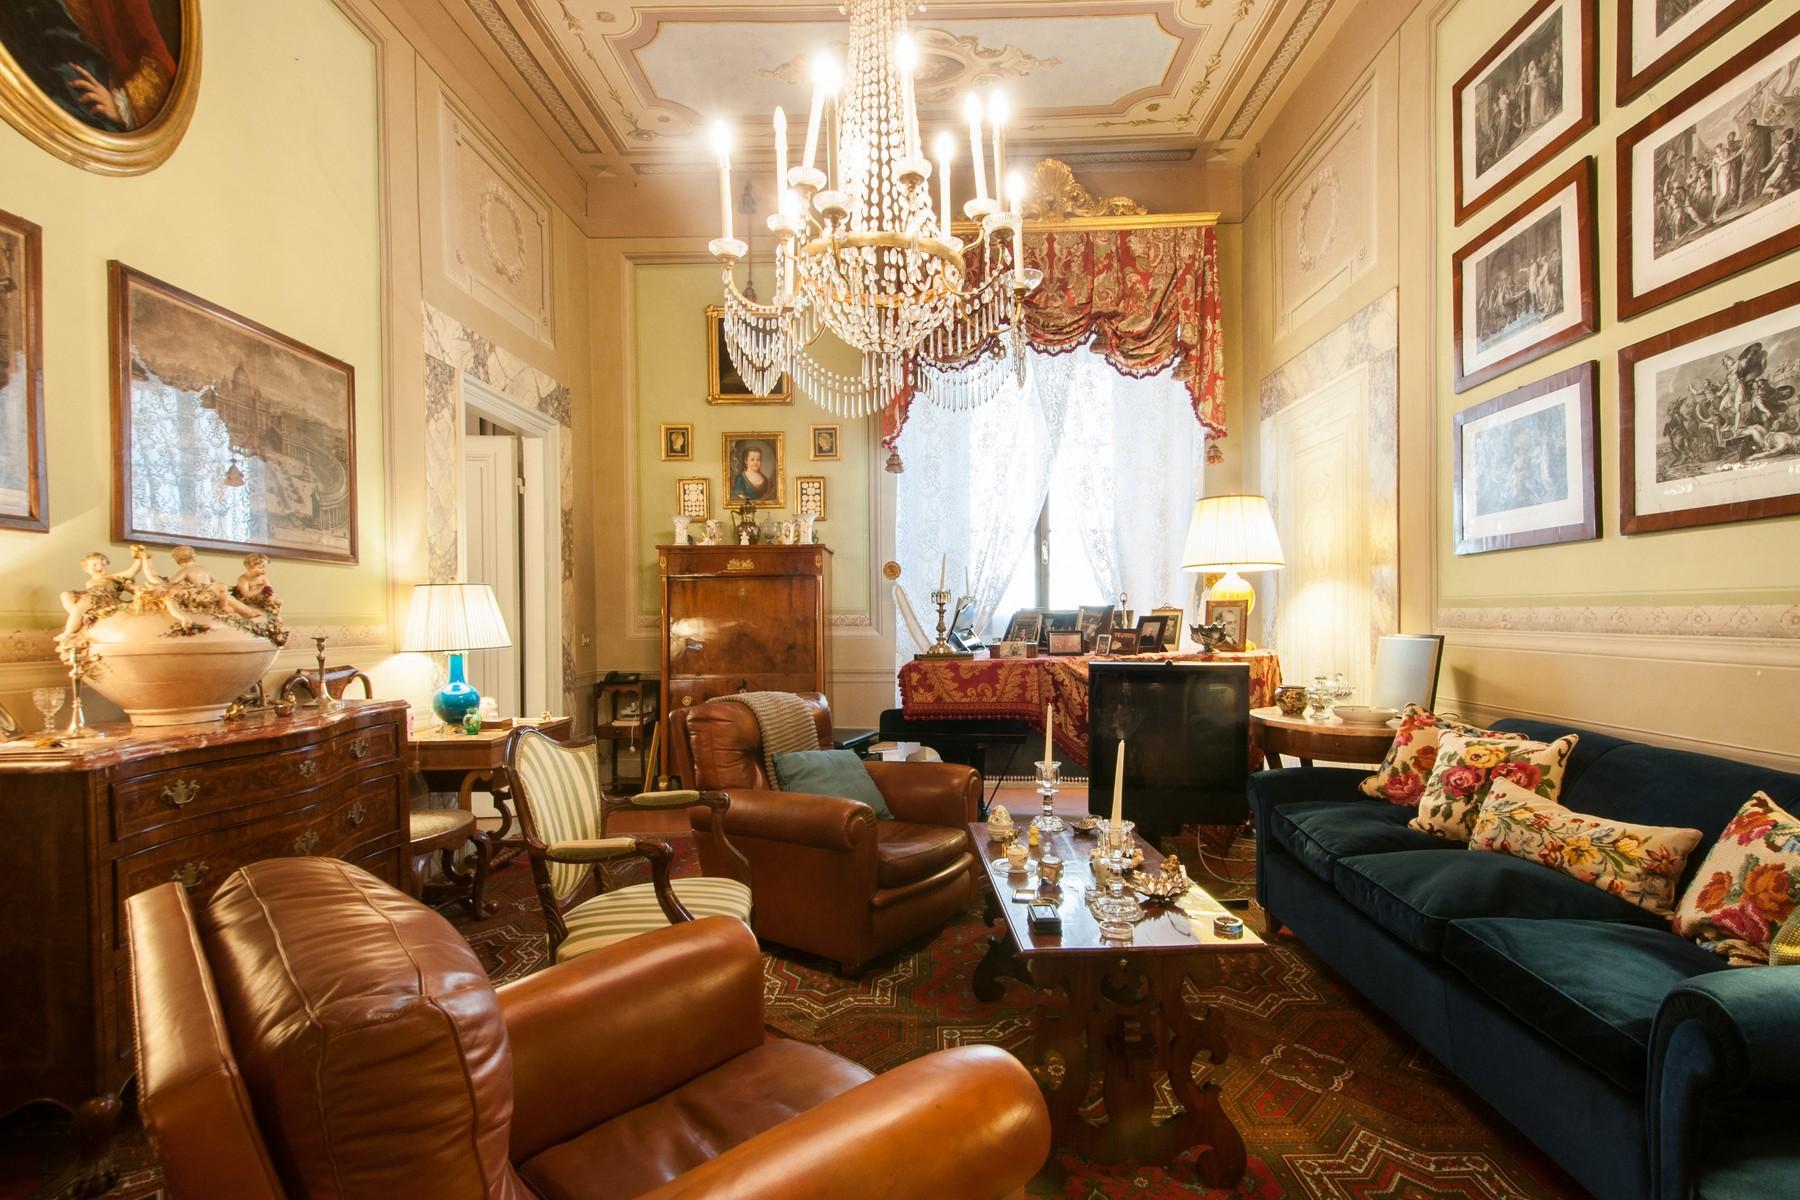 Appartamento di lusso in vendita a prato piazza san for Piazza san francesco prato